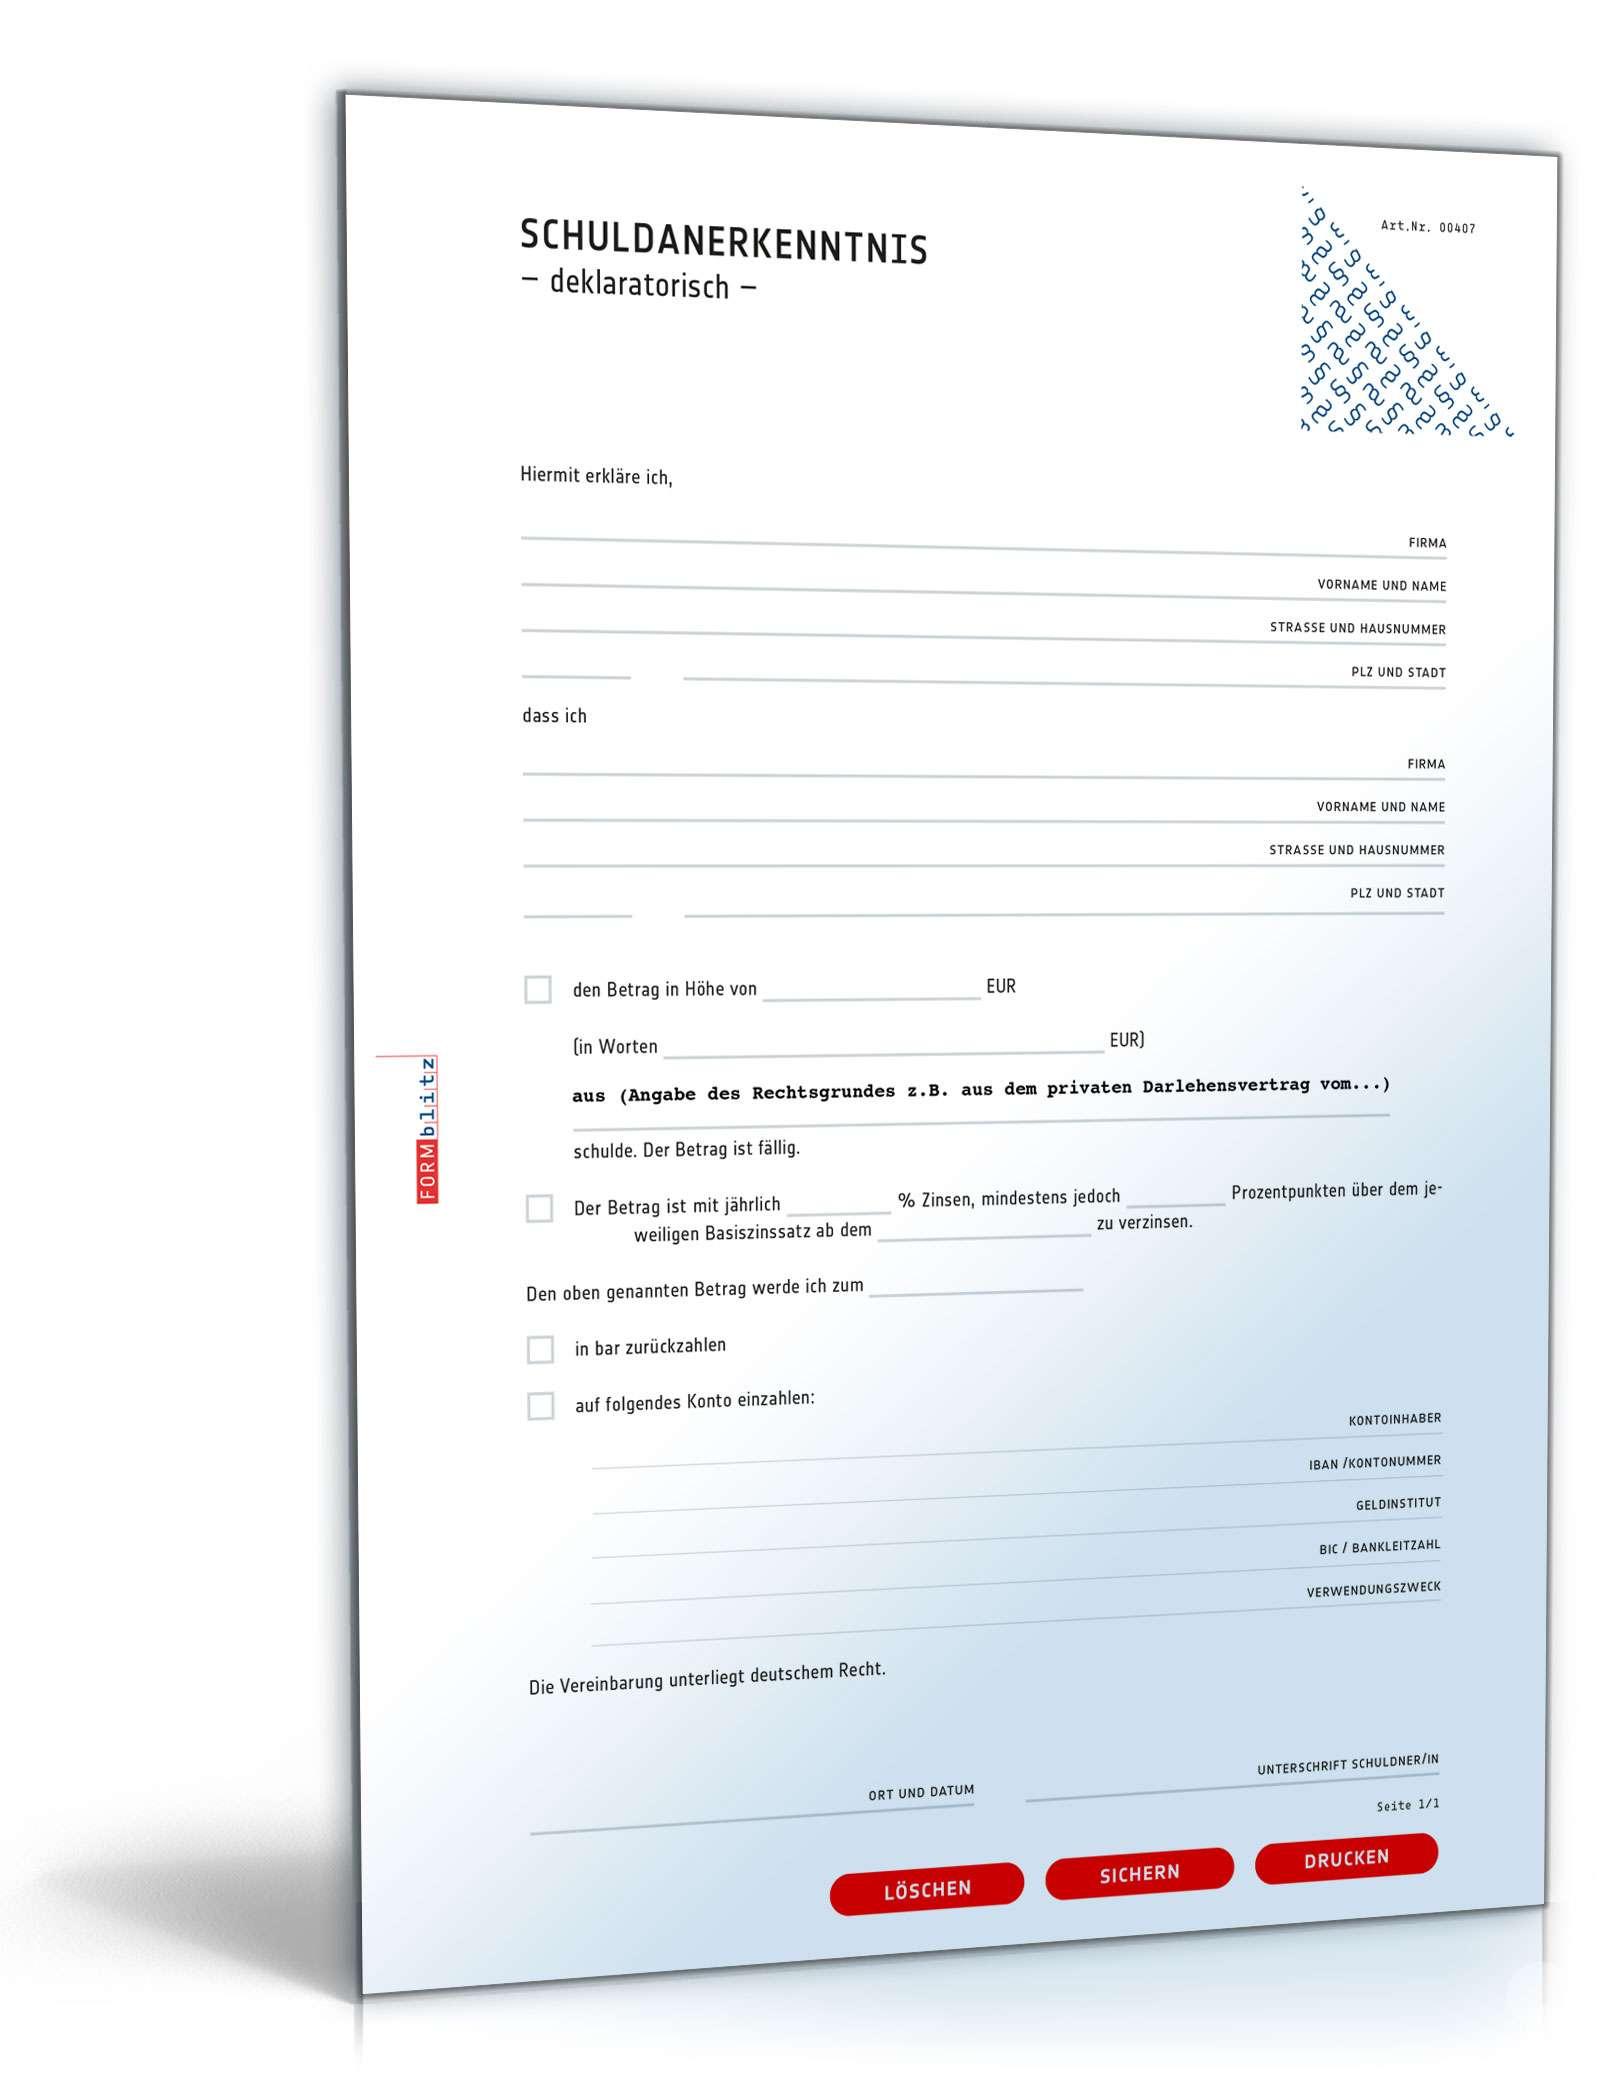 Schuldanerkenntnis Deklaratorisch Vorlage Zum Download